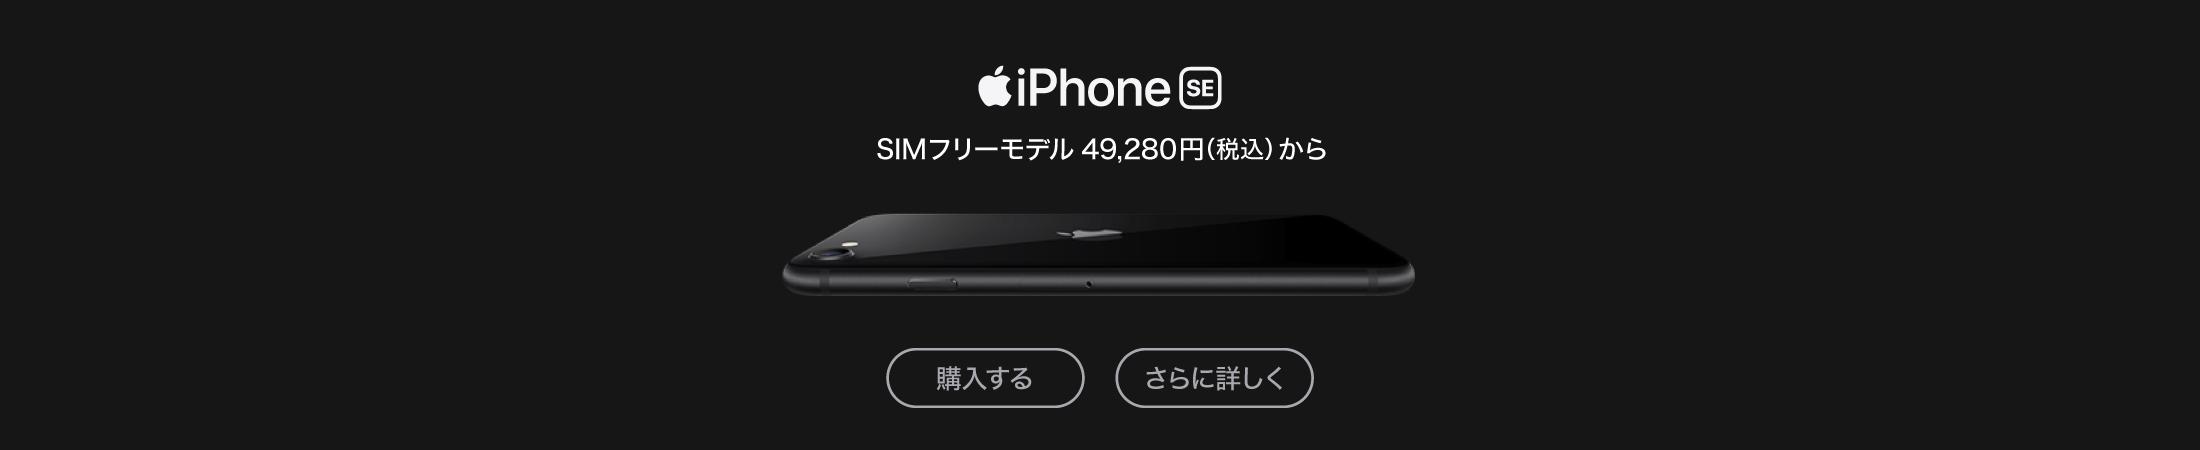 フリー アイフォン 11 sim